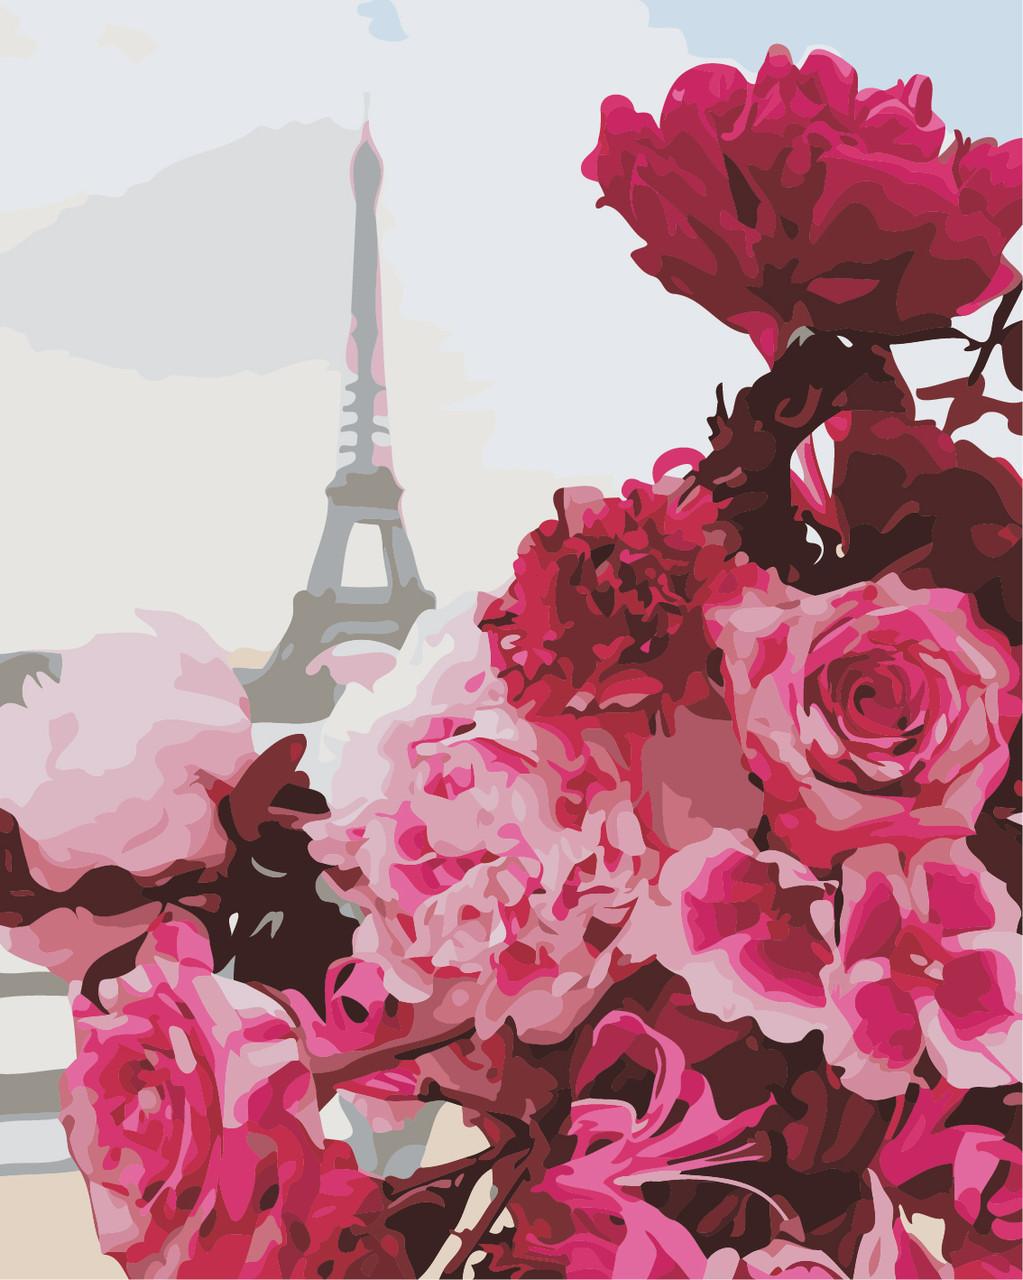 Картина за номерами AS0856 Французькі квіти, 40x50 см., Art Story